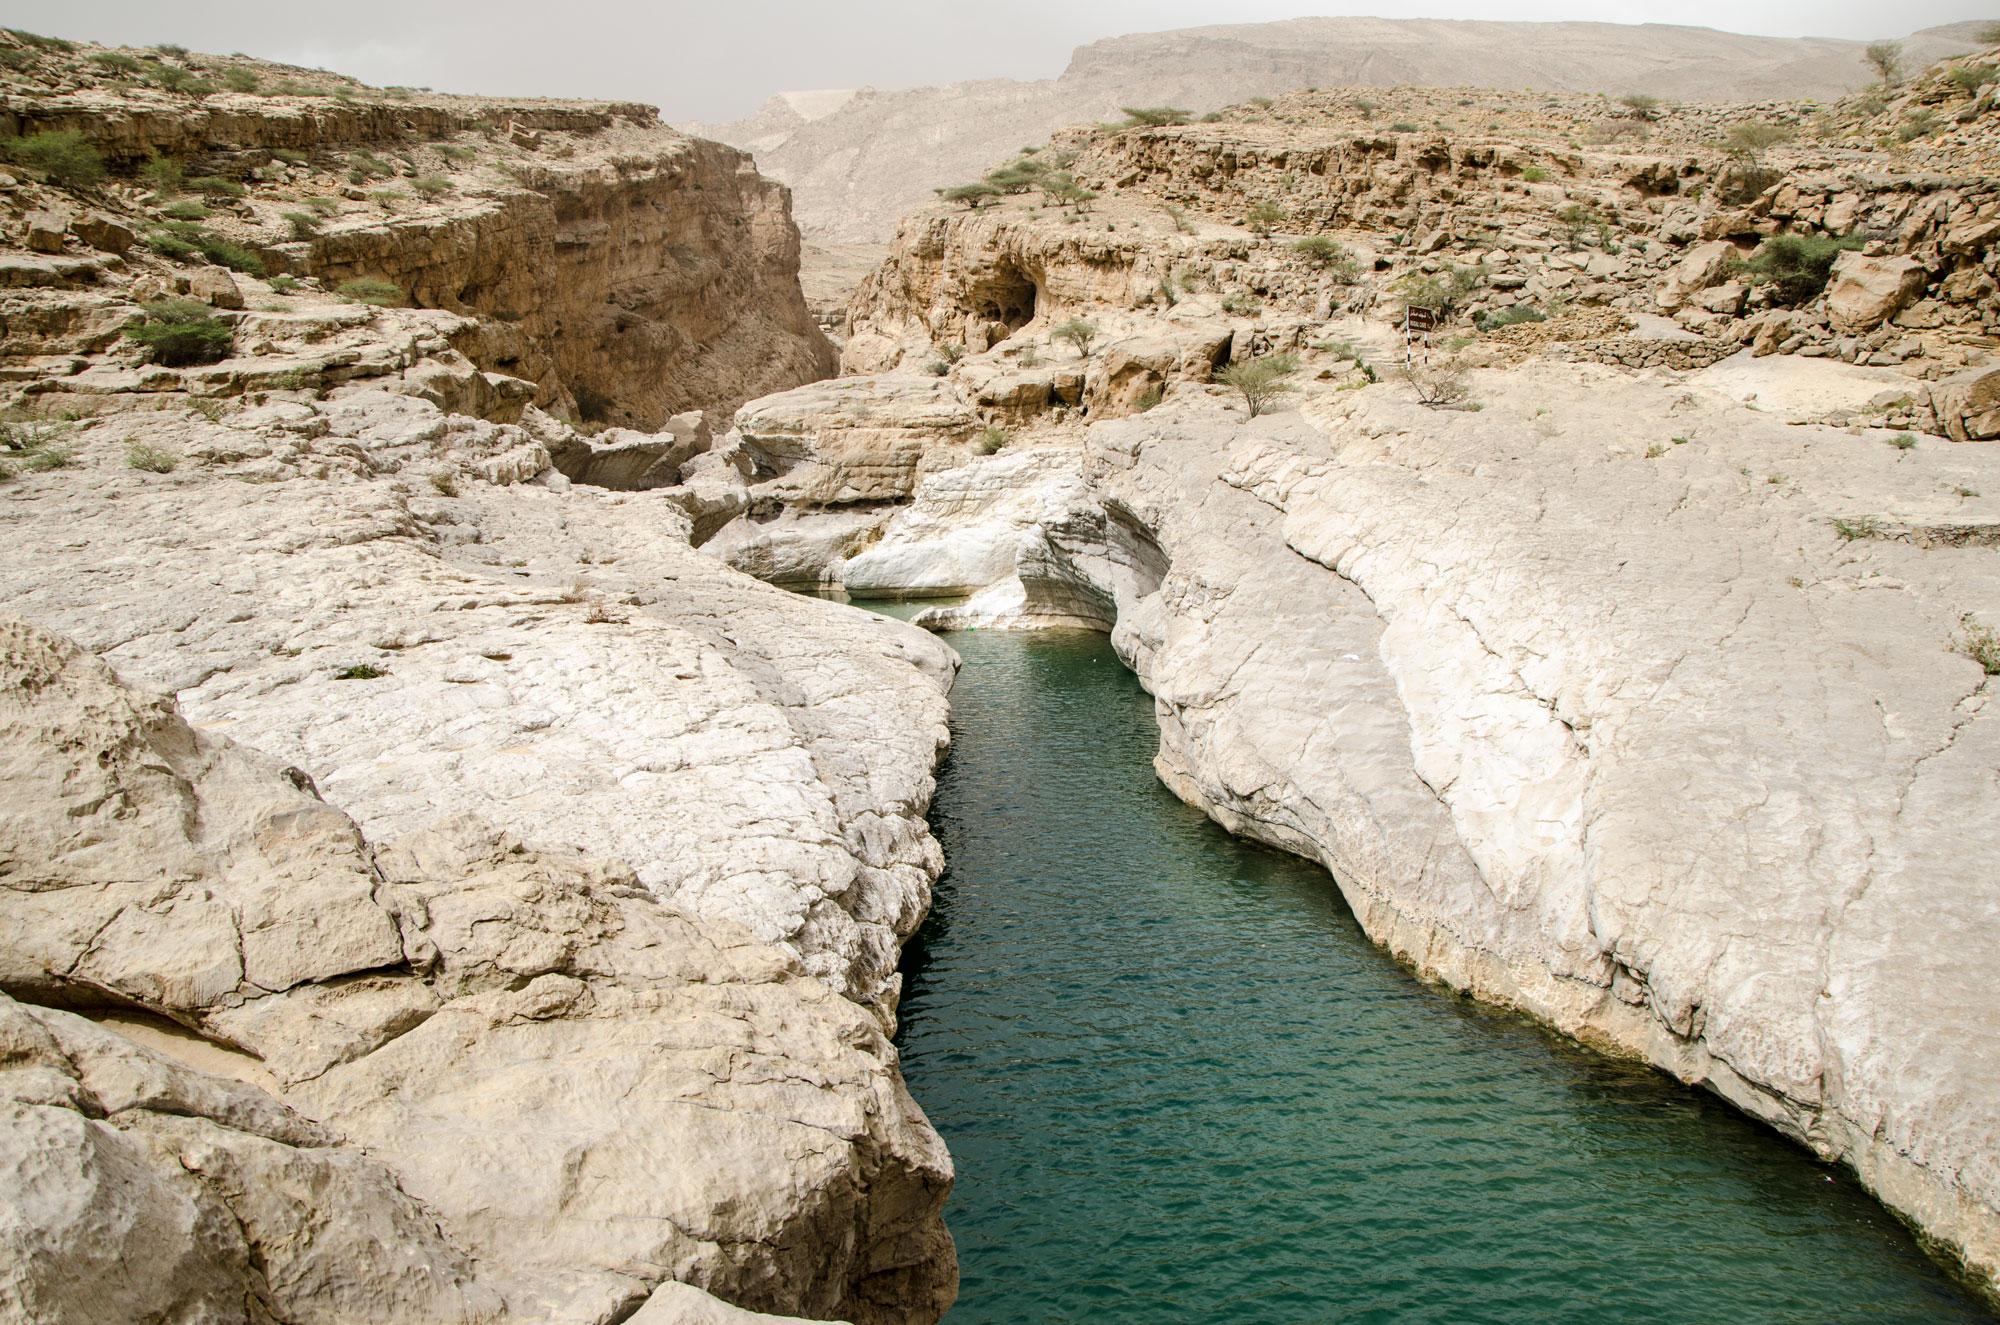 Beeindruckend ist der Abstecher ins Wadi Bani Khalid mit einem kleinen Canyon, der zum Schwimmen einlädt. Foto: Lothar Ruttner